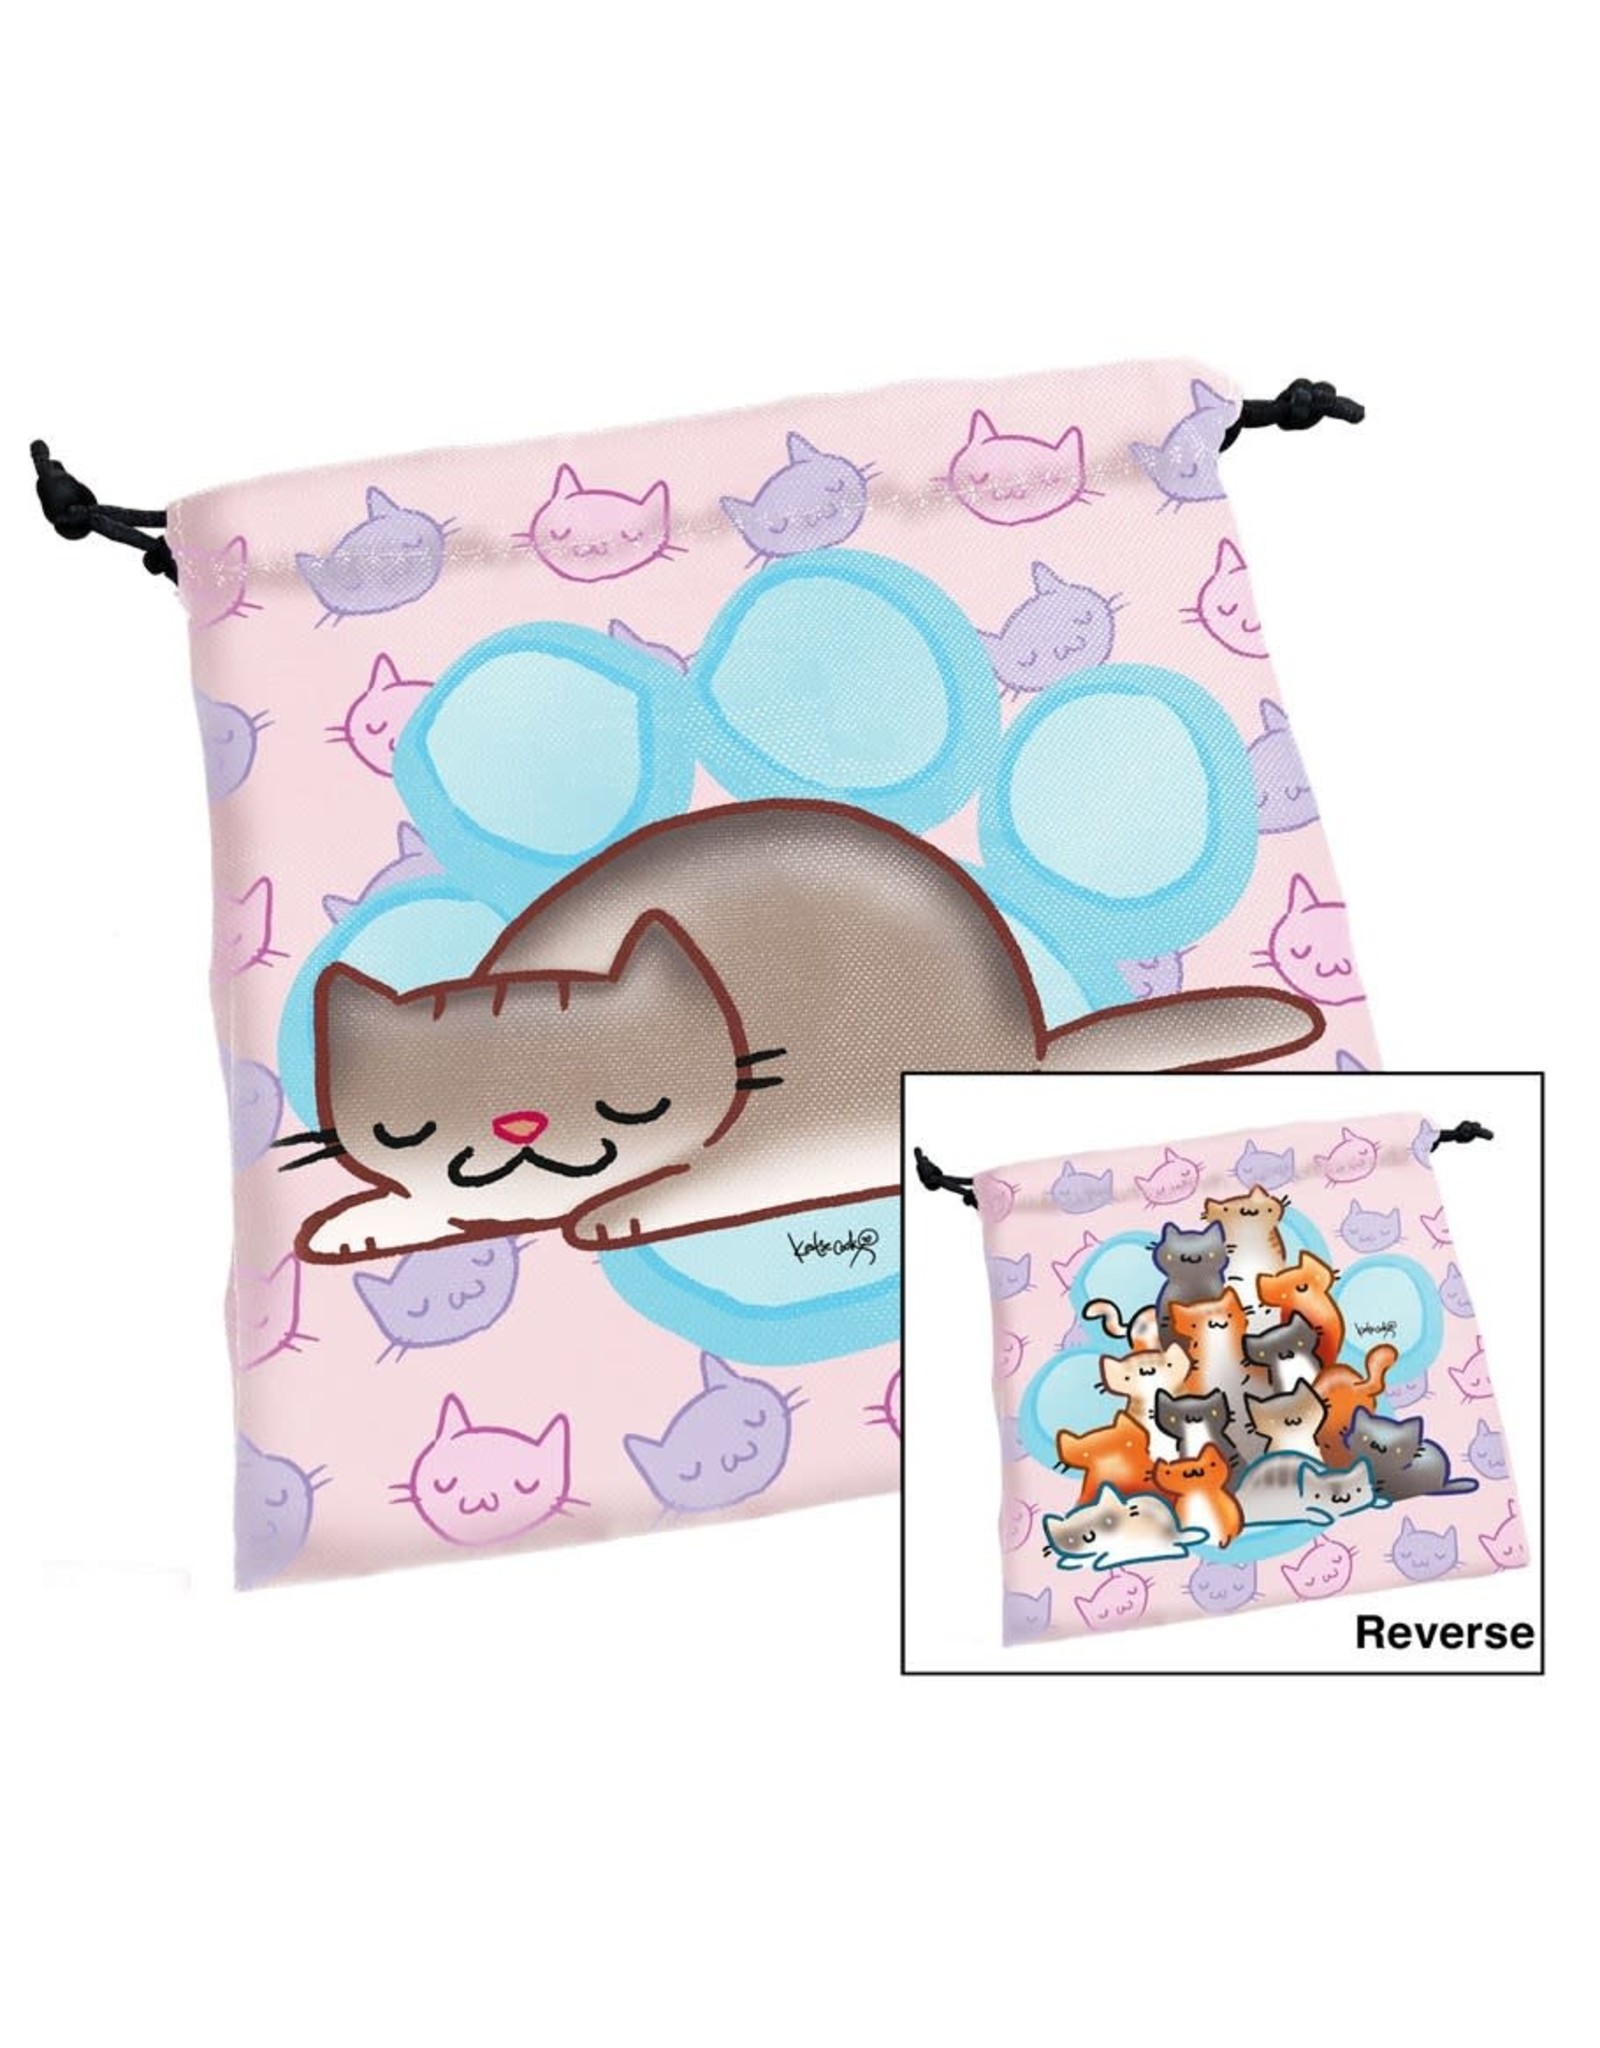 Steve Jackson Games Dice Bag: Munchkin Kittens